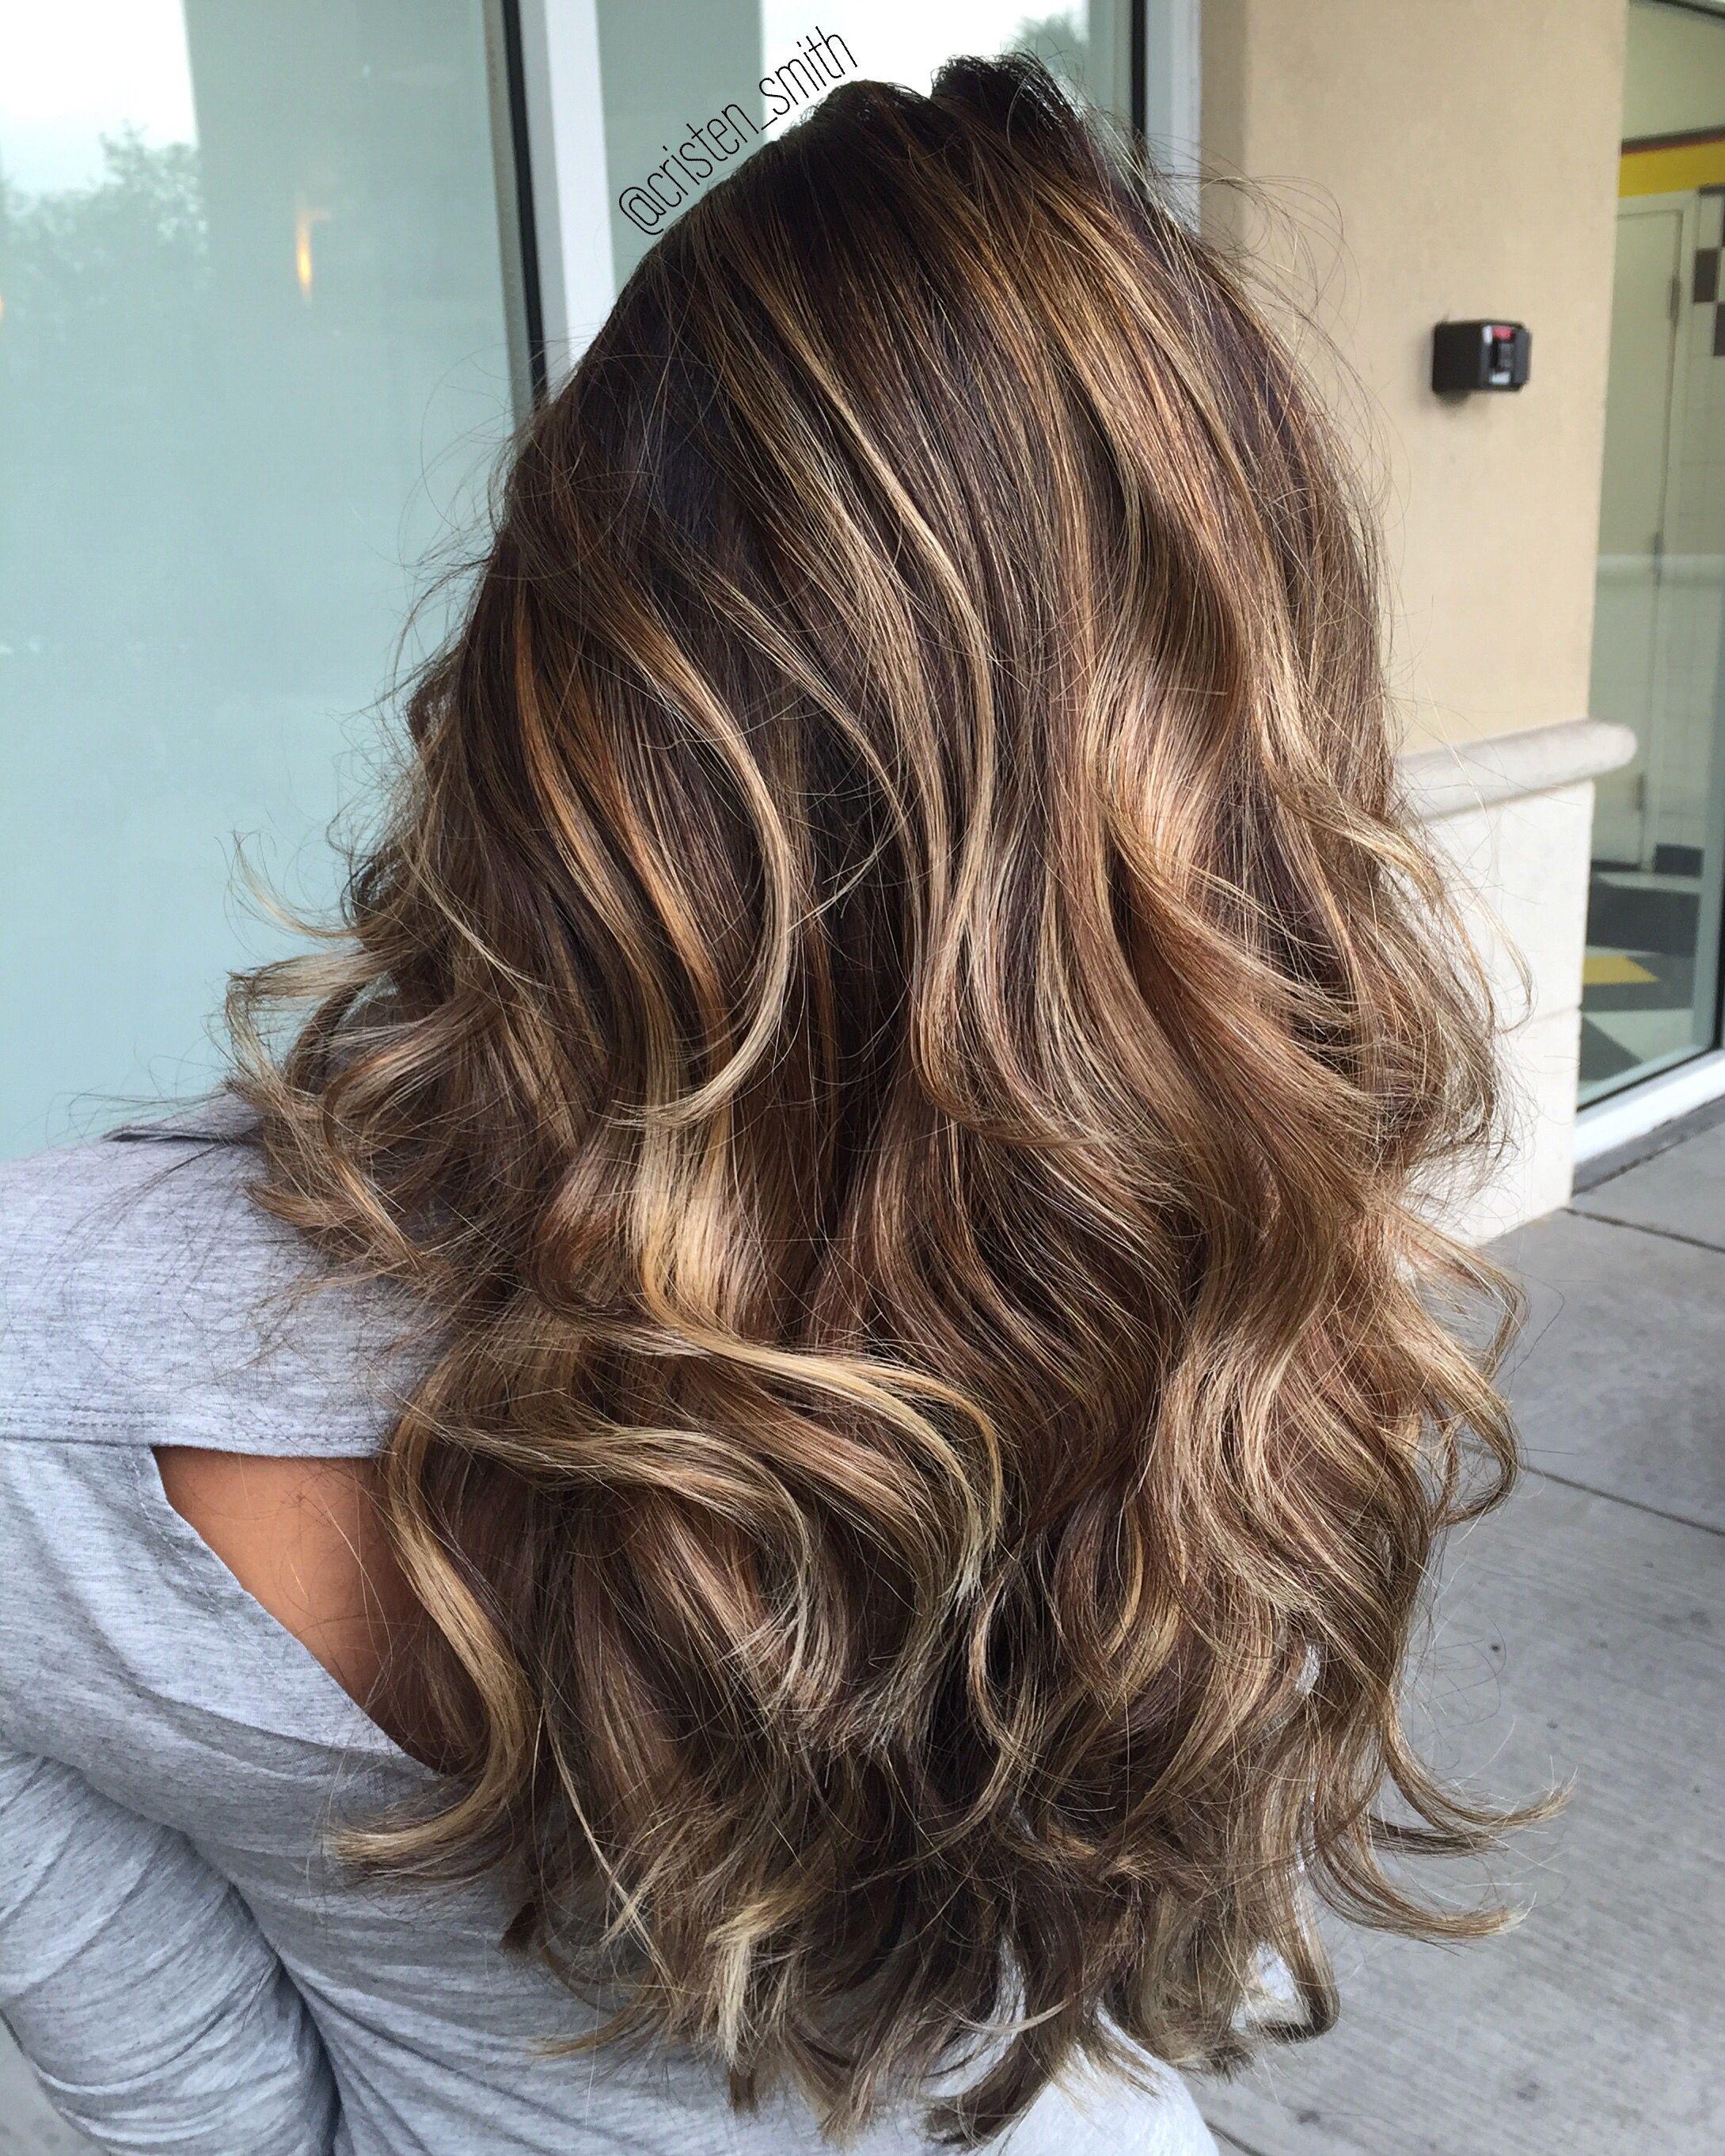 25 delightfully earthy fall hair color ideas | my style